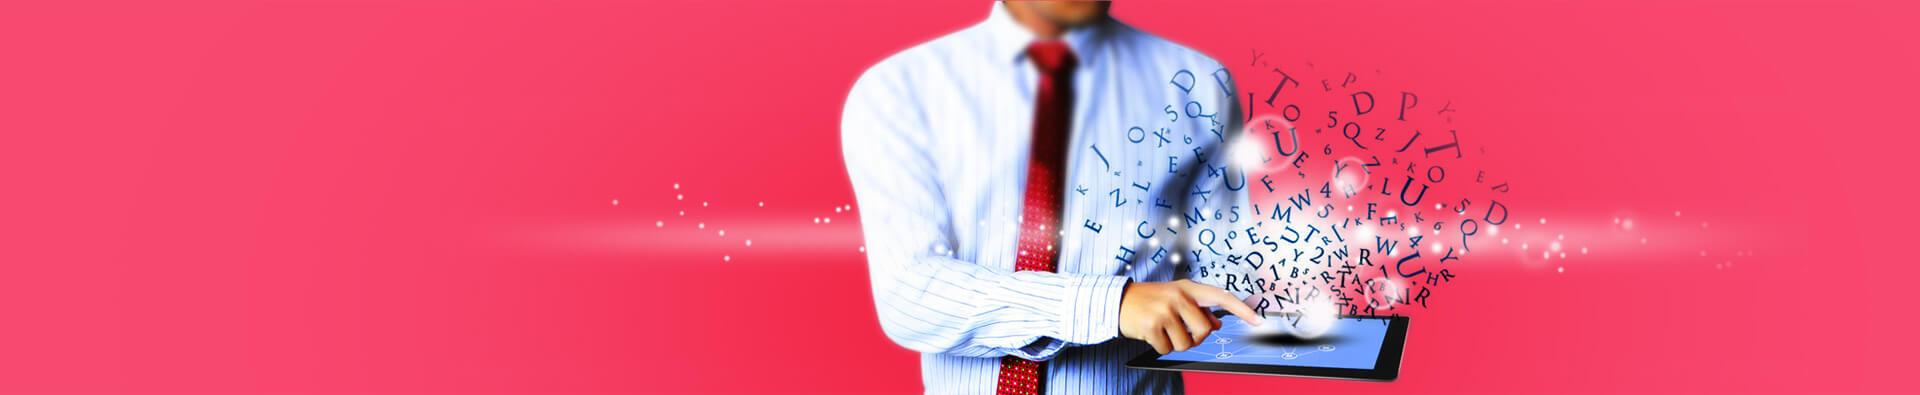 Homem de negócios com elementos do blog de marketing digital e comunicação